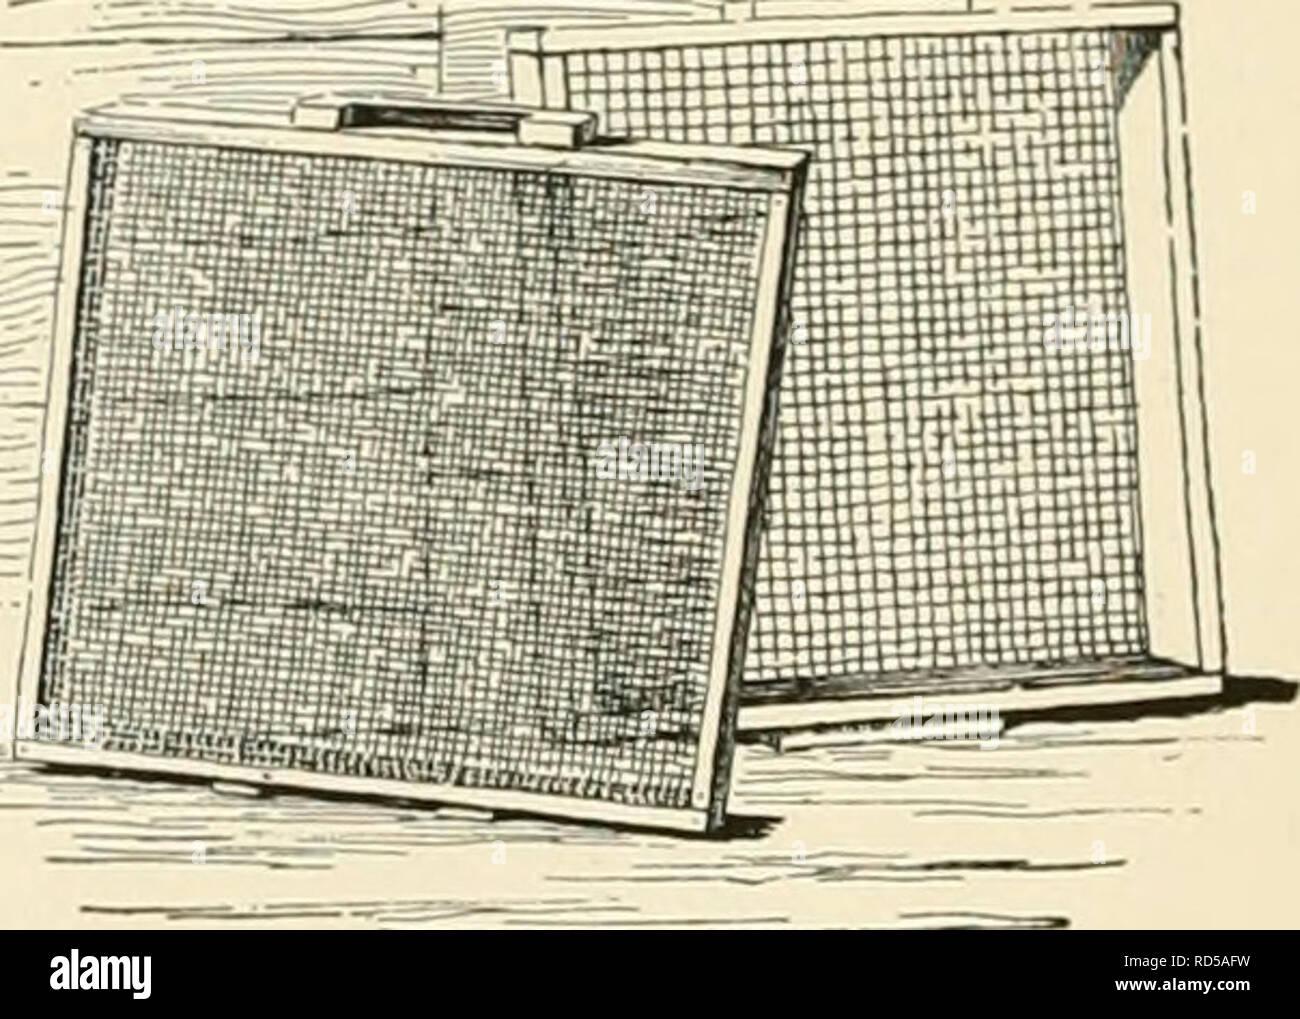 """. Cyclopedia of American horticultura, compuesto de sugerencias para el cultivo de plantas hortícolas, las descripciones de las especies de frutas, hortalizas, flores y plantas ornamentales vendidos en los Estados Unidos y Canadá, junto con los Esbozos Biográficos y geográficos. Jardinería. 1676 de las propiedades físicas del suelo en el suministro de agua, y los valores comerciales de muchos suelos dependen en gran medida npnn thic""""iiilifion ONP"""". Este es especialmente el caso cuando Willi til.- .arlv tni.k .ini,^. con el maíz, el trigo y la hierba hiri'N. :IimI -aiiIi ~ h, i;i  ,i-..conductos tales como el apio, cranliii 11' - Foto de stock"""